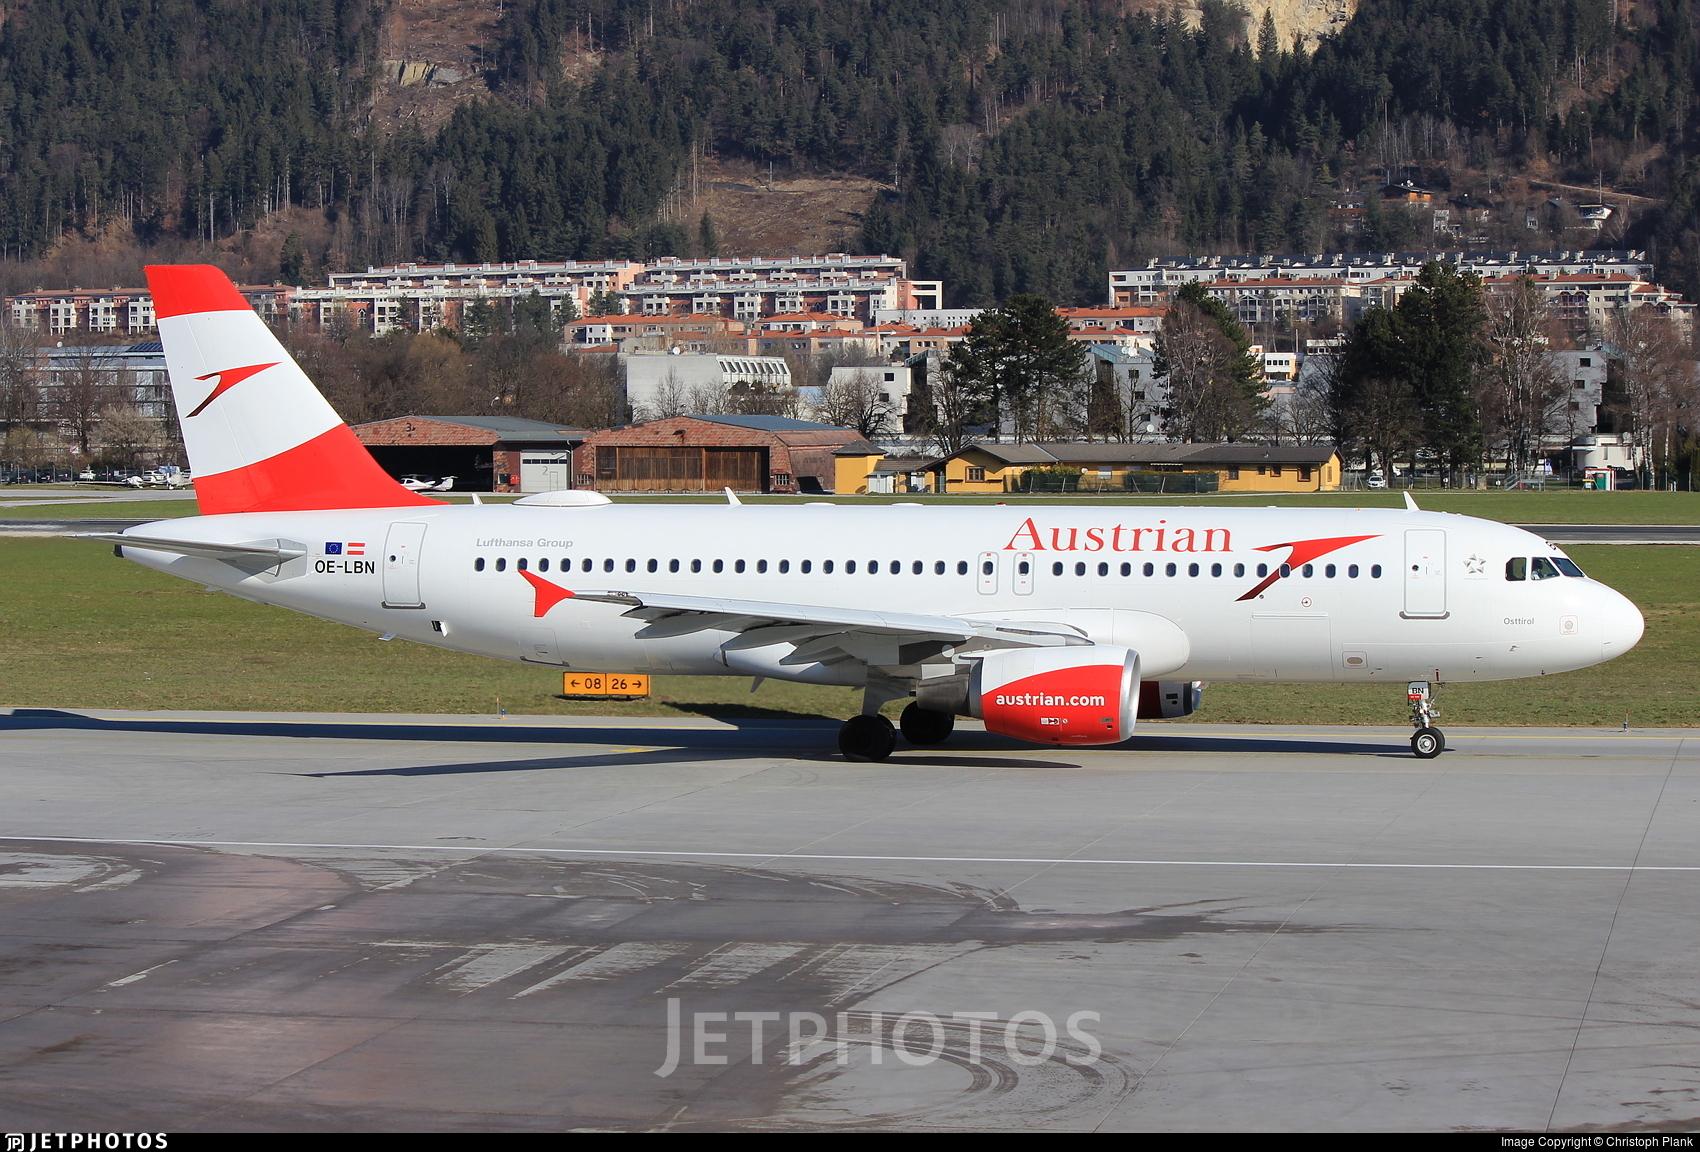 OE-LBN - Airbus A320-214 - Austrian Airlines